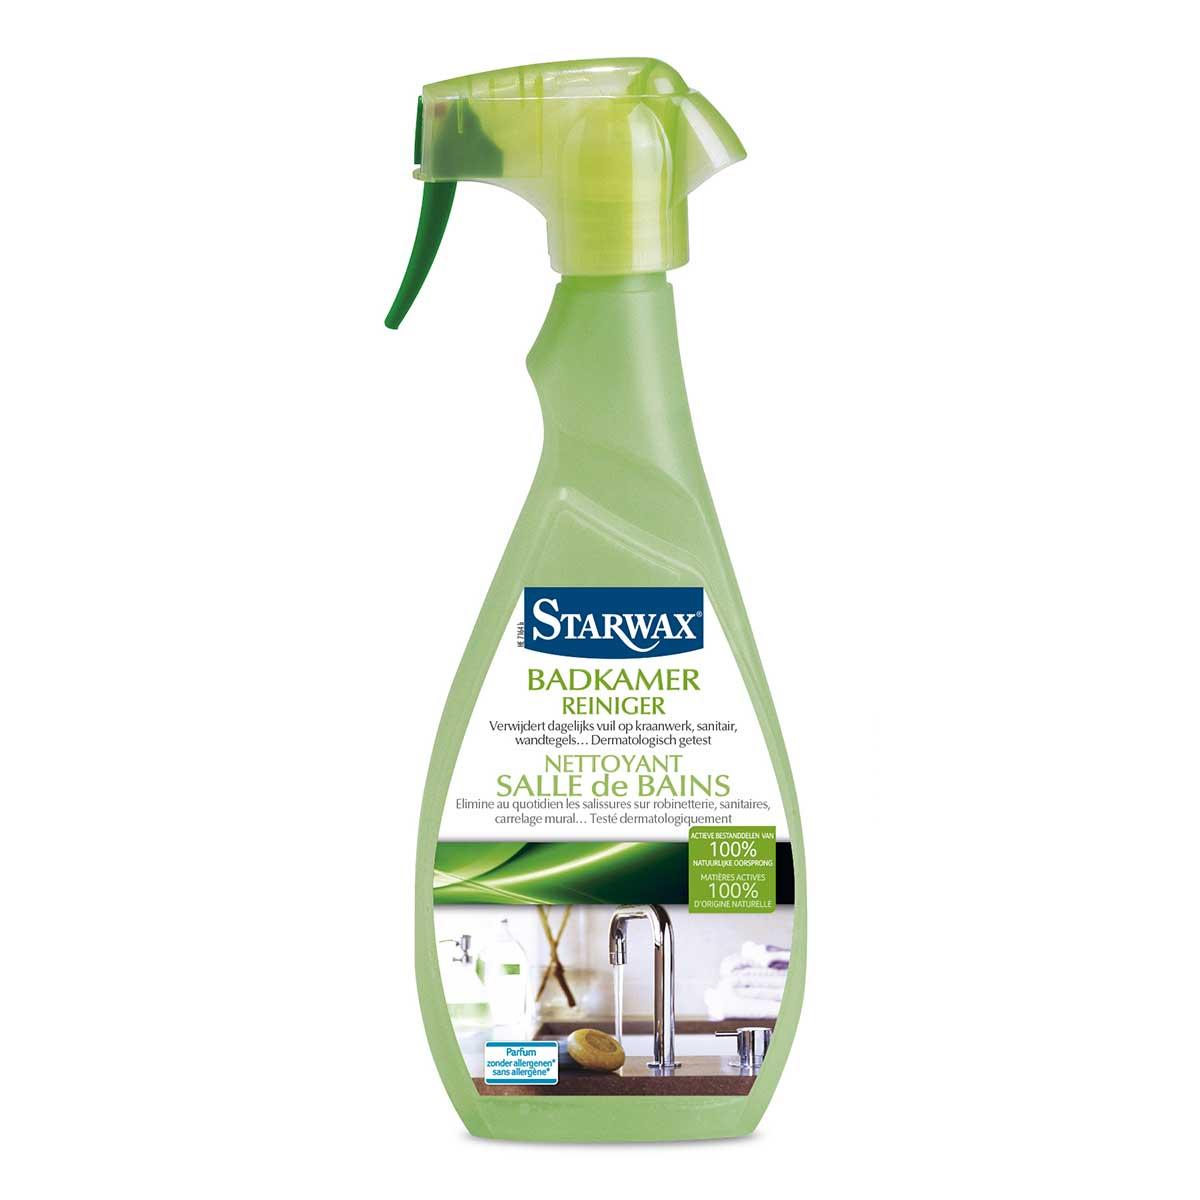 Badkamer reiniger actieve bestanddelen natuurlijke oorsprong - Starwax